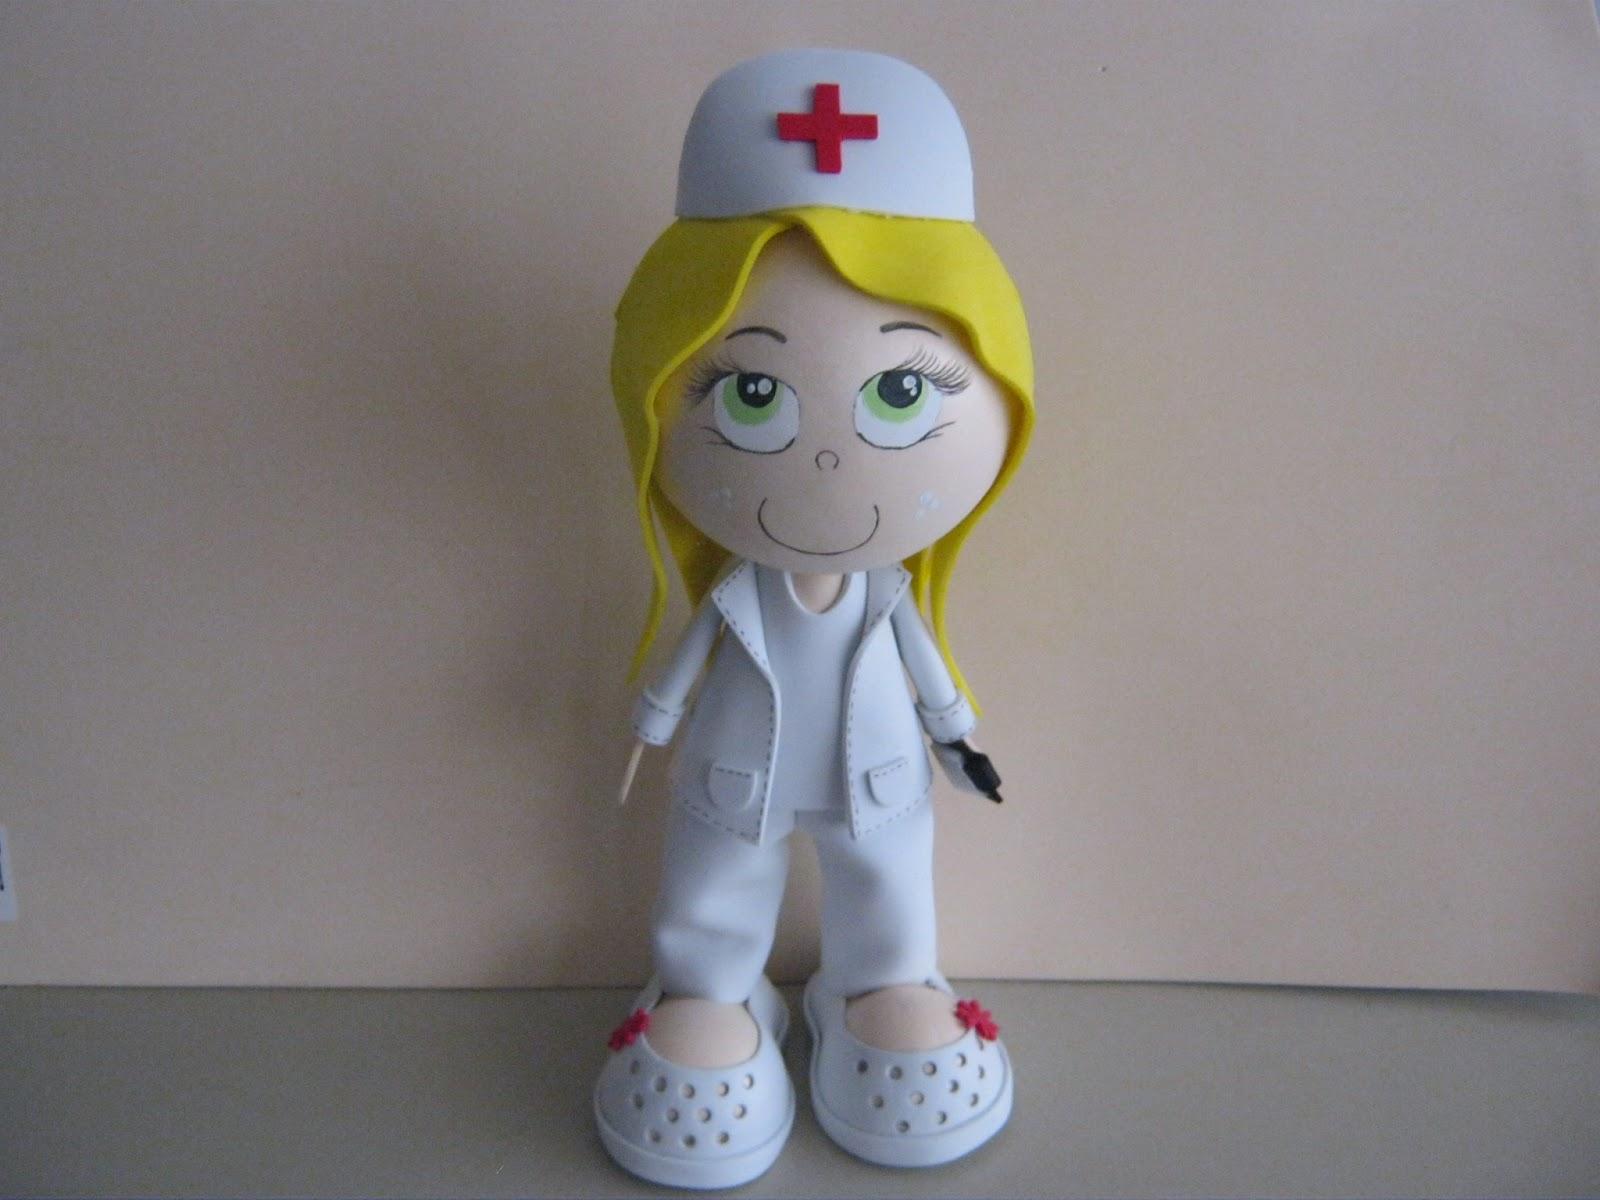 hola doctor utilisima: